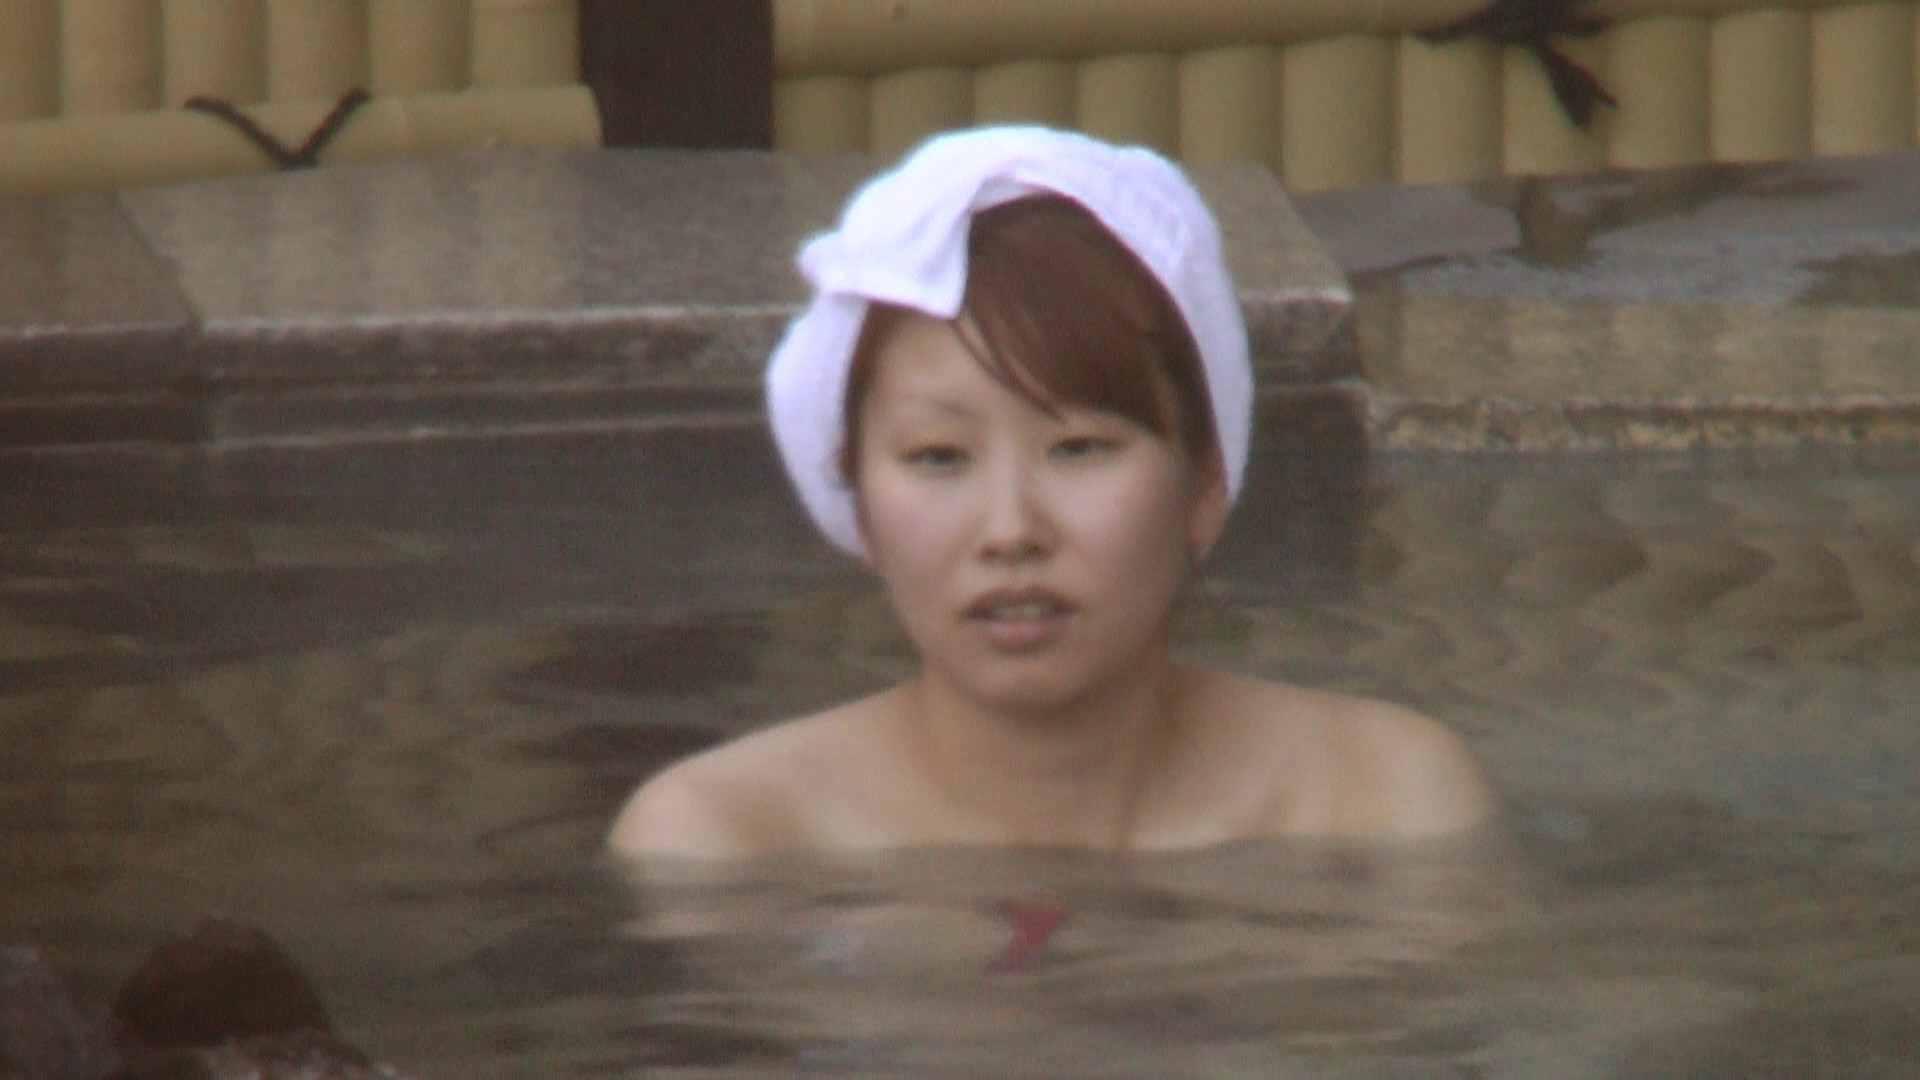 Aquaな露天風呂Vol.210 OLのエロ生活 | 盗撮  83連発 46